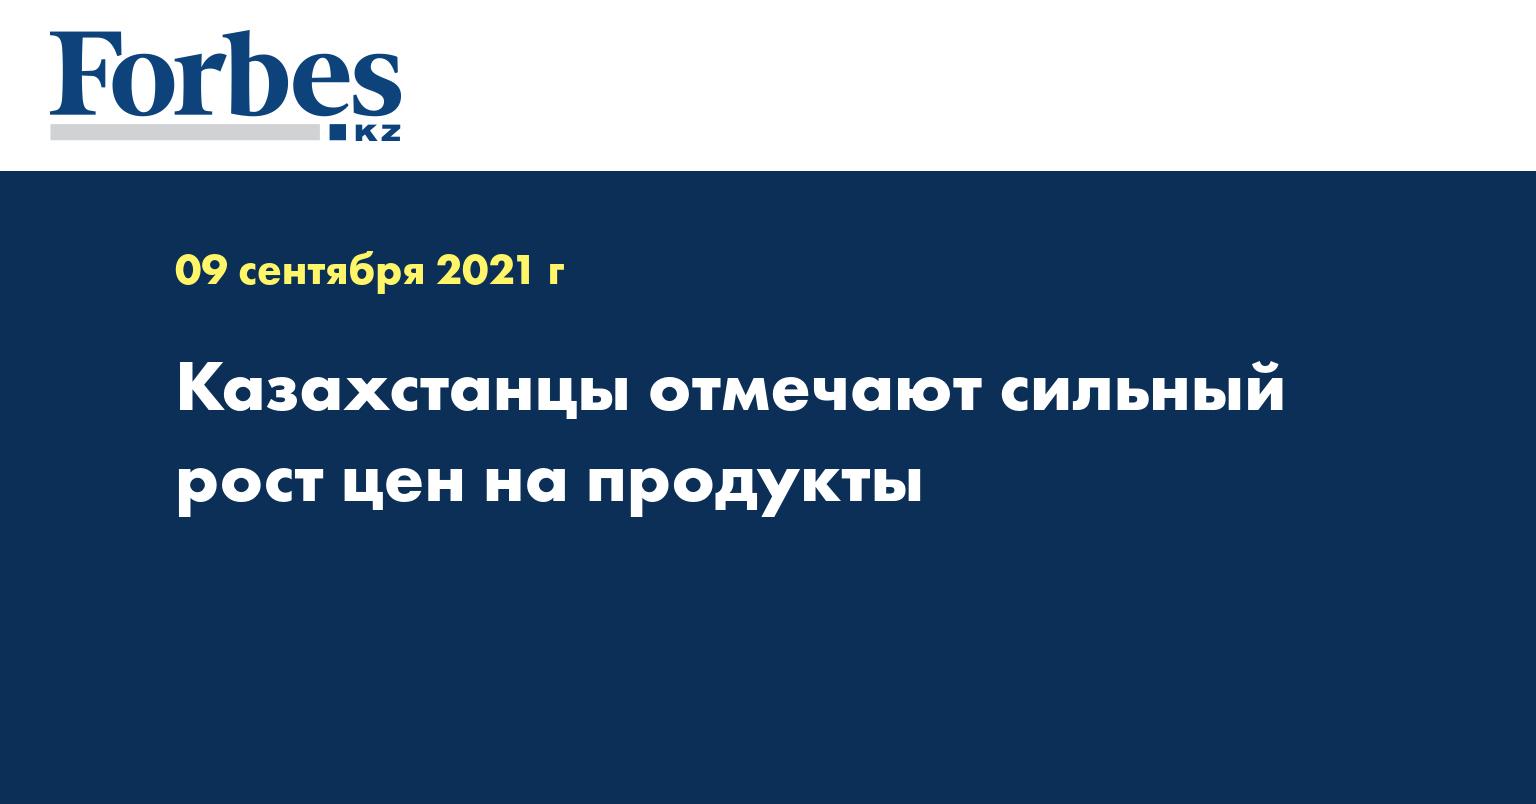 Казахстанцы отмечают сильный рост цен на продукты